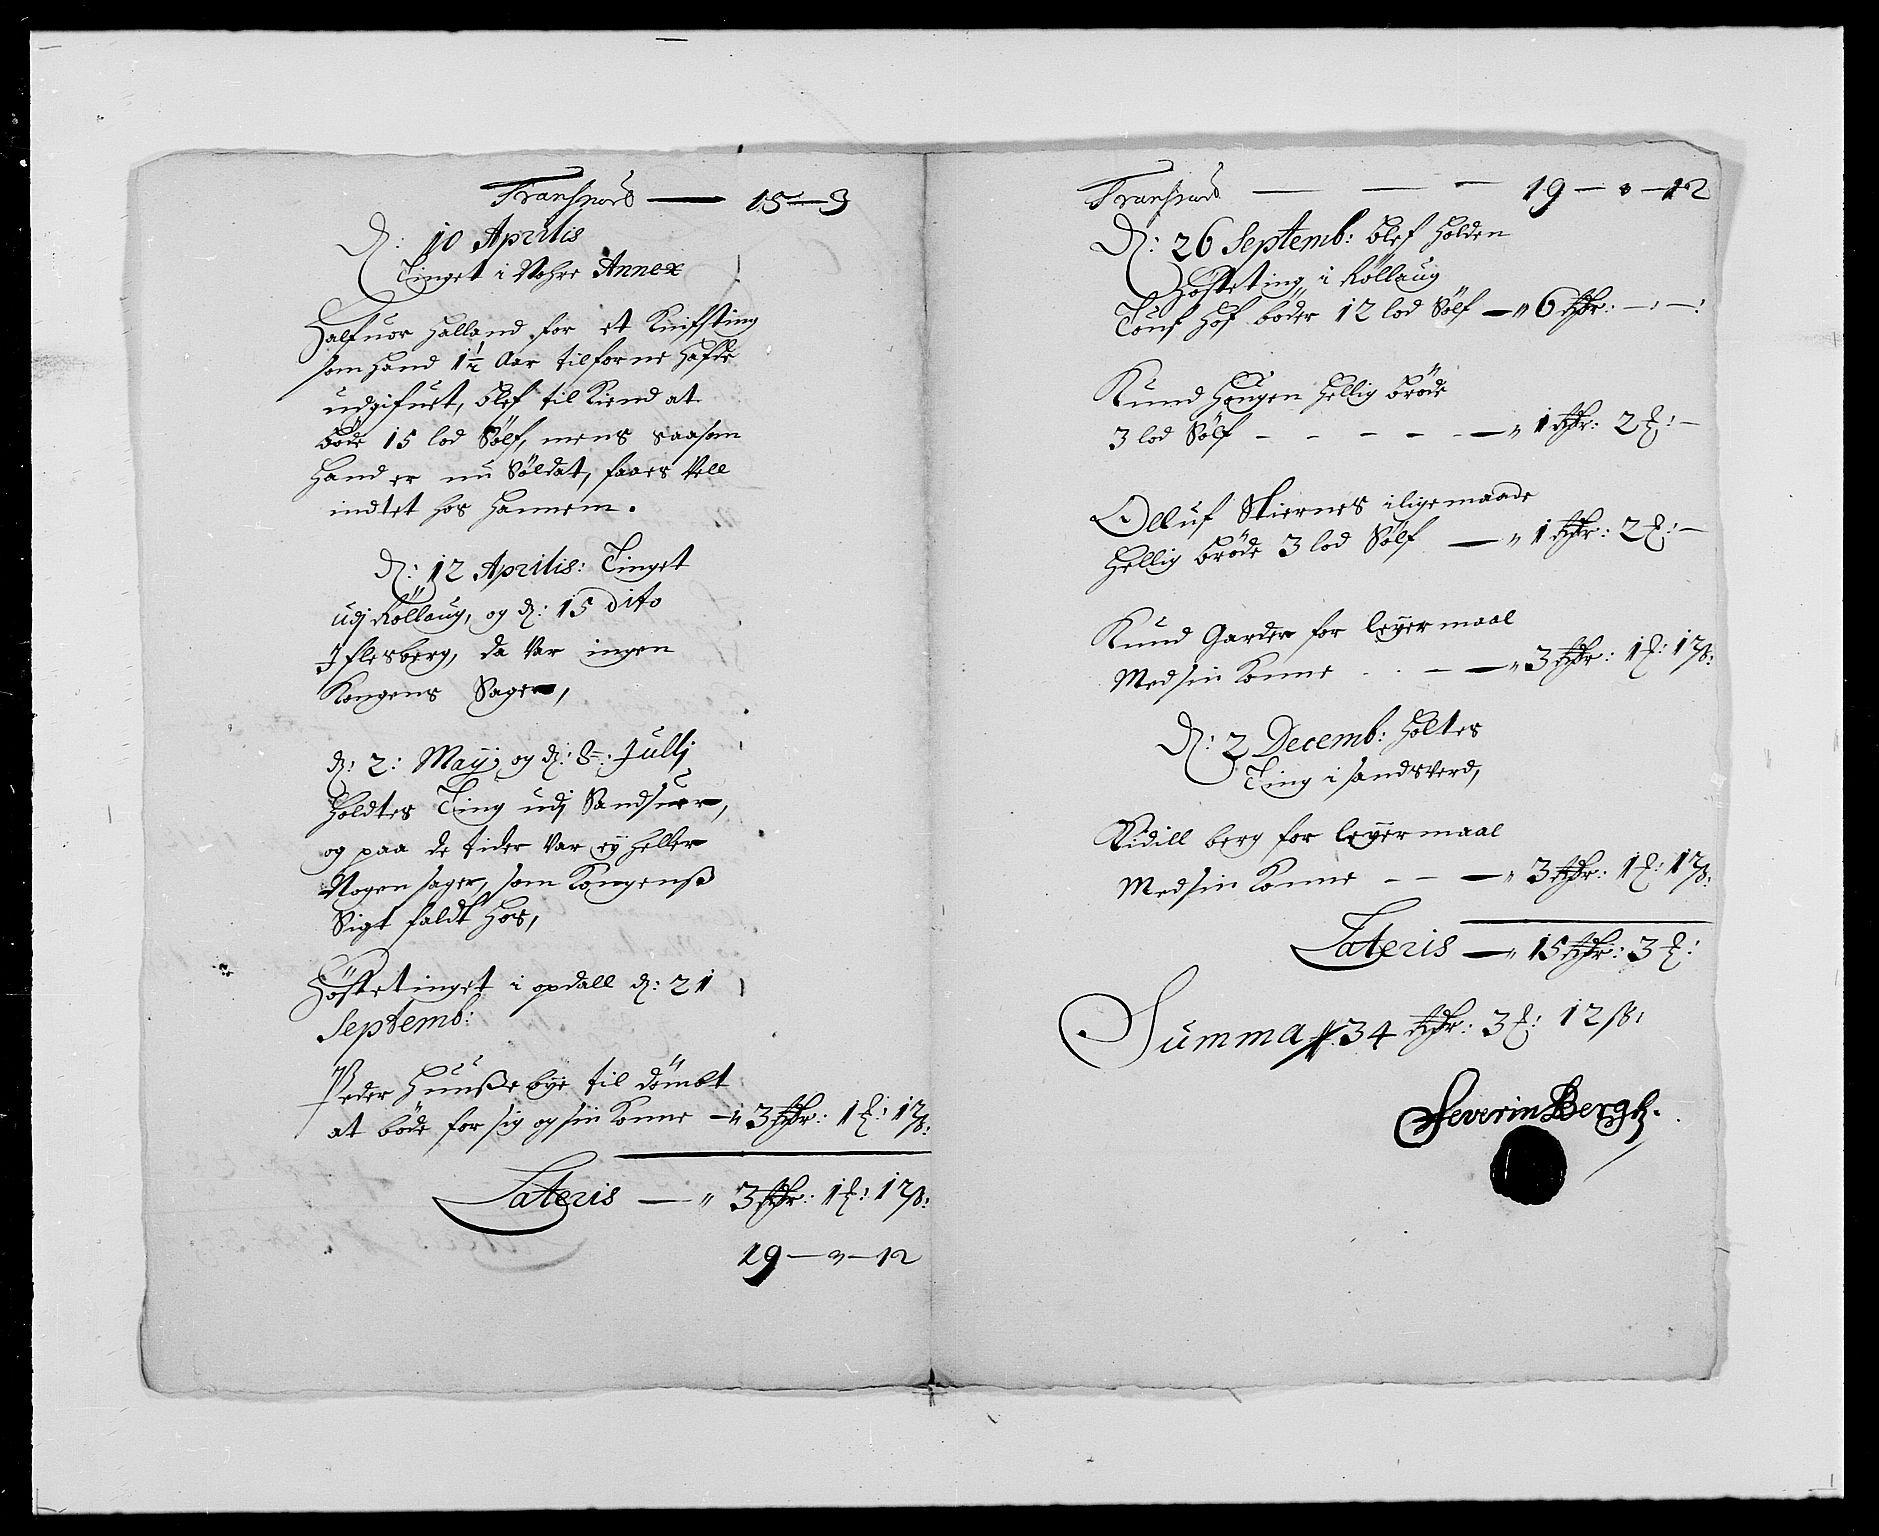 RA, Rentekammeret inntil 1814, Reviderte regnskaper, Fogderegnskap, R24/L1573: Fogderegnskap Numedal og Sandsvær, 1687-1691, s. 371